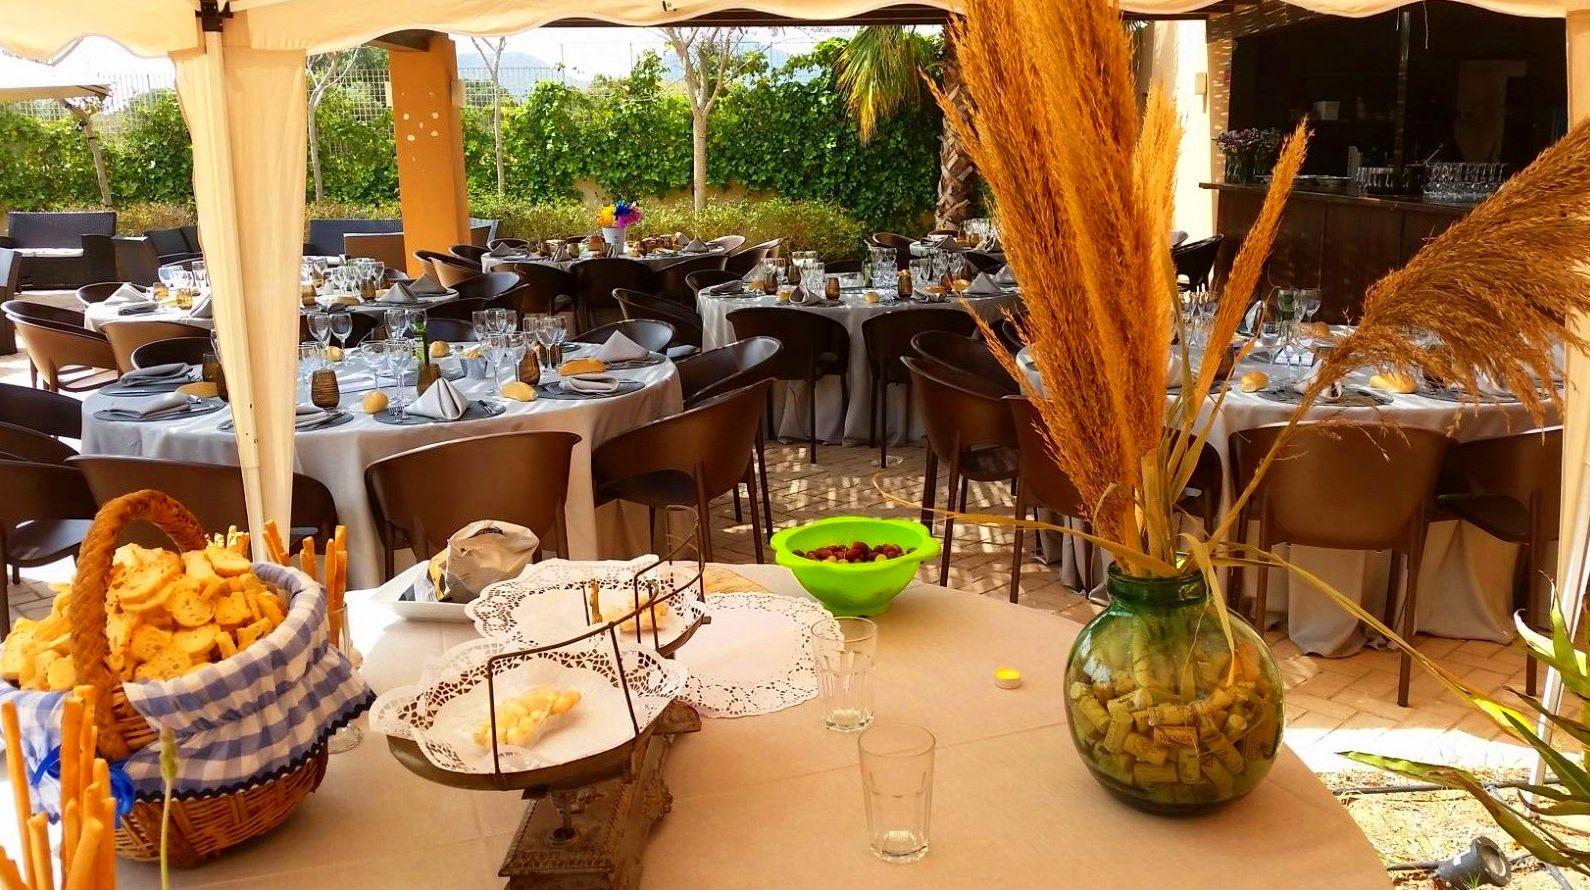 Foto 55 de Alquiler de sillas, mesas y menaje en  | Mantelería & Menaje